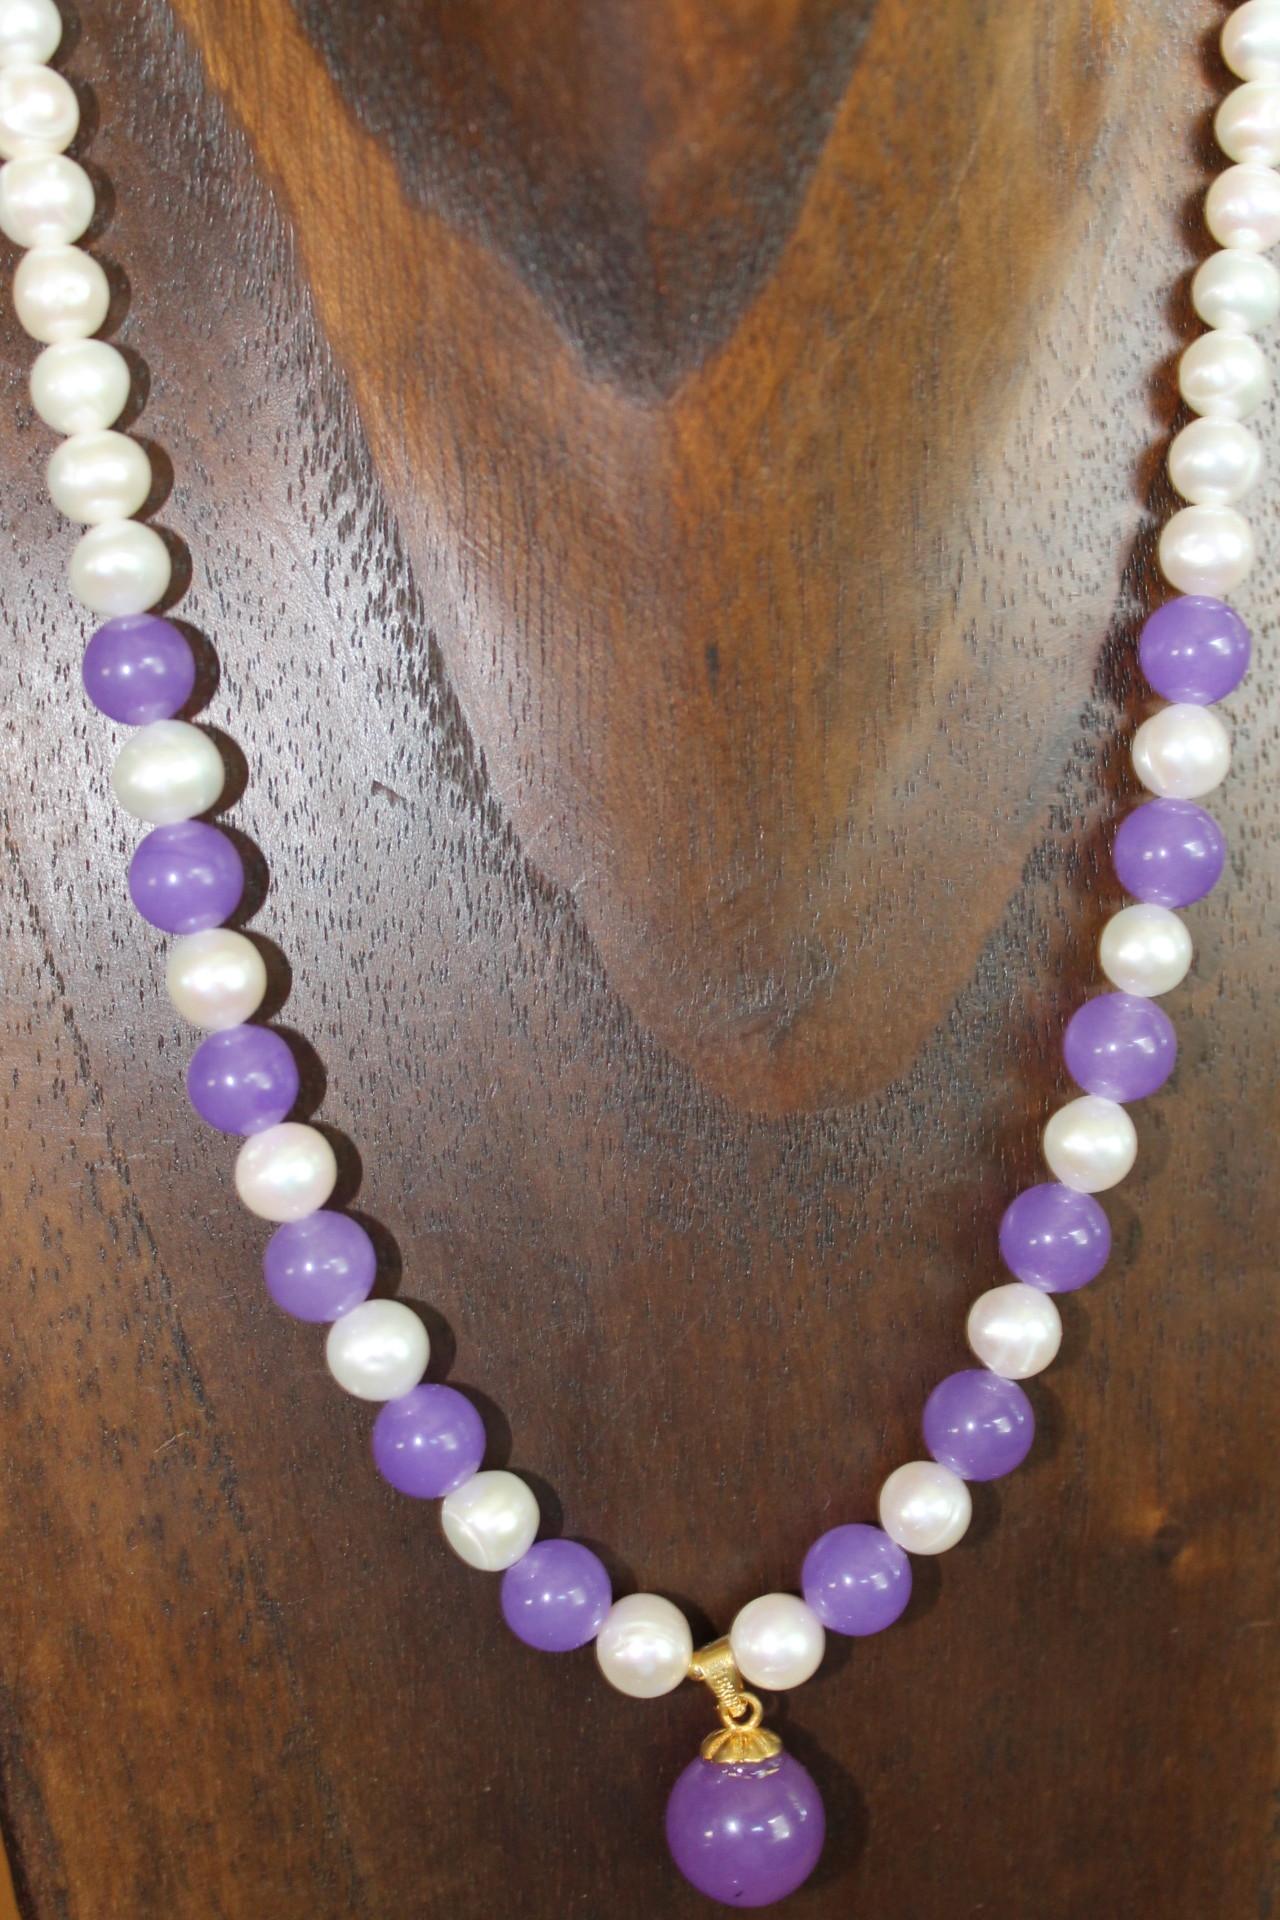 Collares piedras semipreciosas p gina 2 brazaletes y - Piedras para collares ...